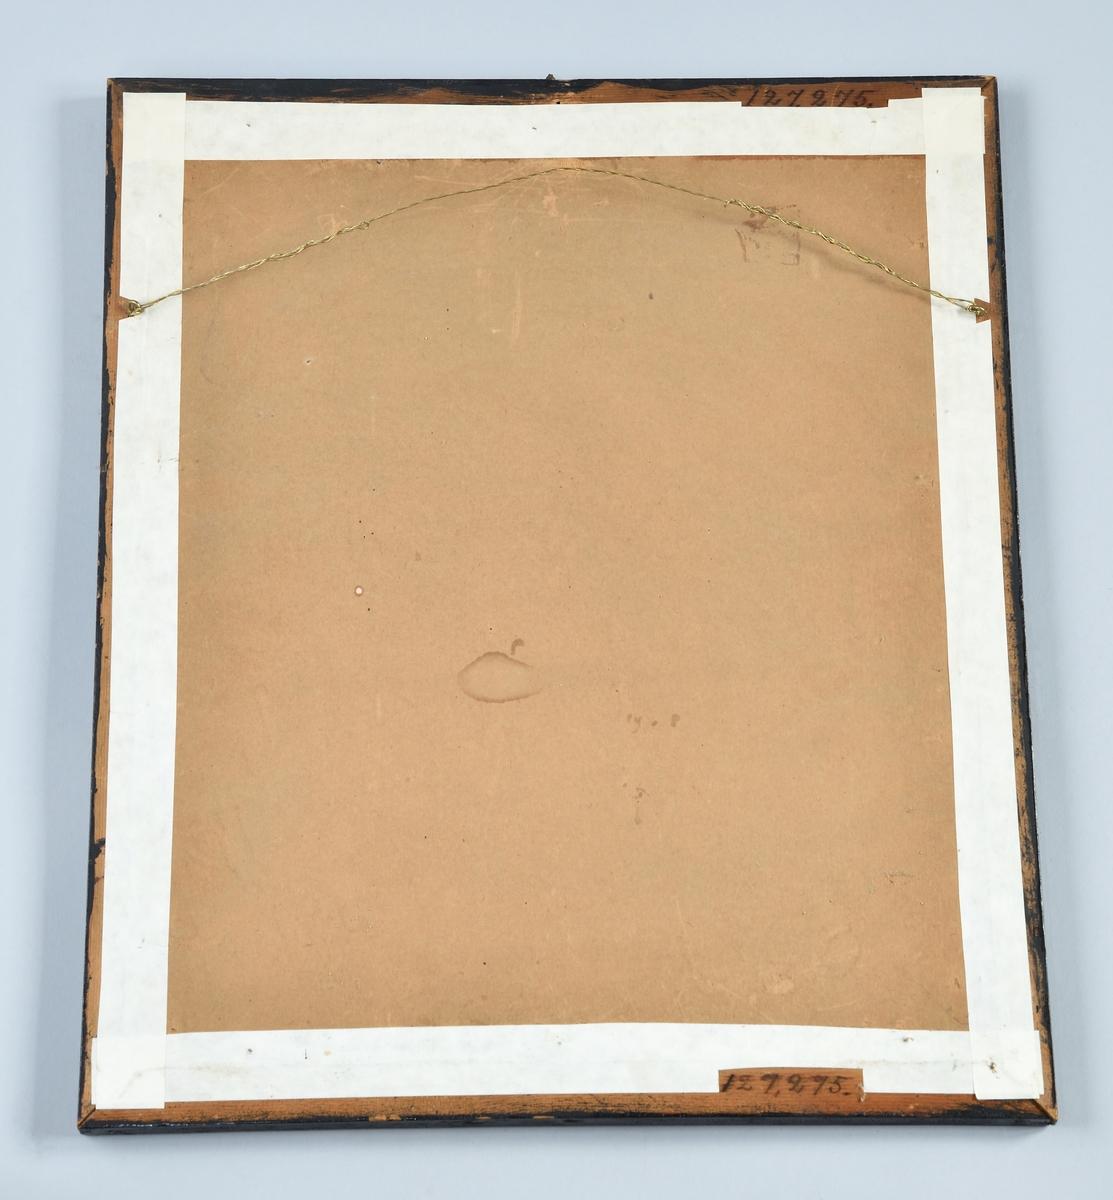 """Tavla, papperstryck, i svartmålad träram och glas. Övre halvan bild föreställande Karl XI:s syn med en mängd människor och avhuggna huvuden, nedre med text och rubriken: """"Konung CARL den Elftes Syn, på Riks-Salen i Stockholm, korrt före Dess död."""""""